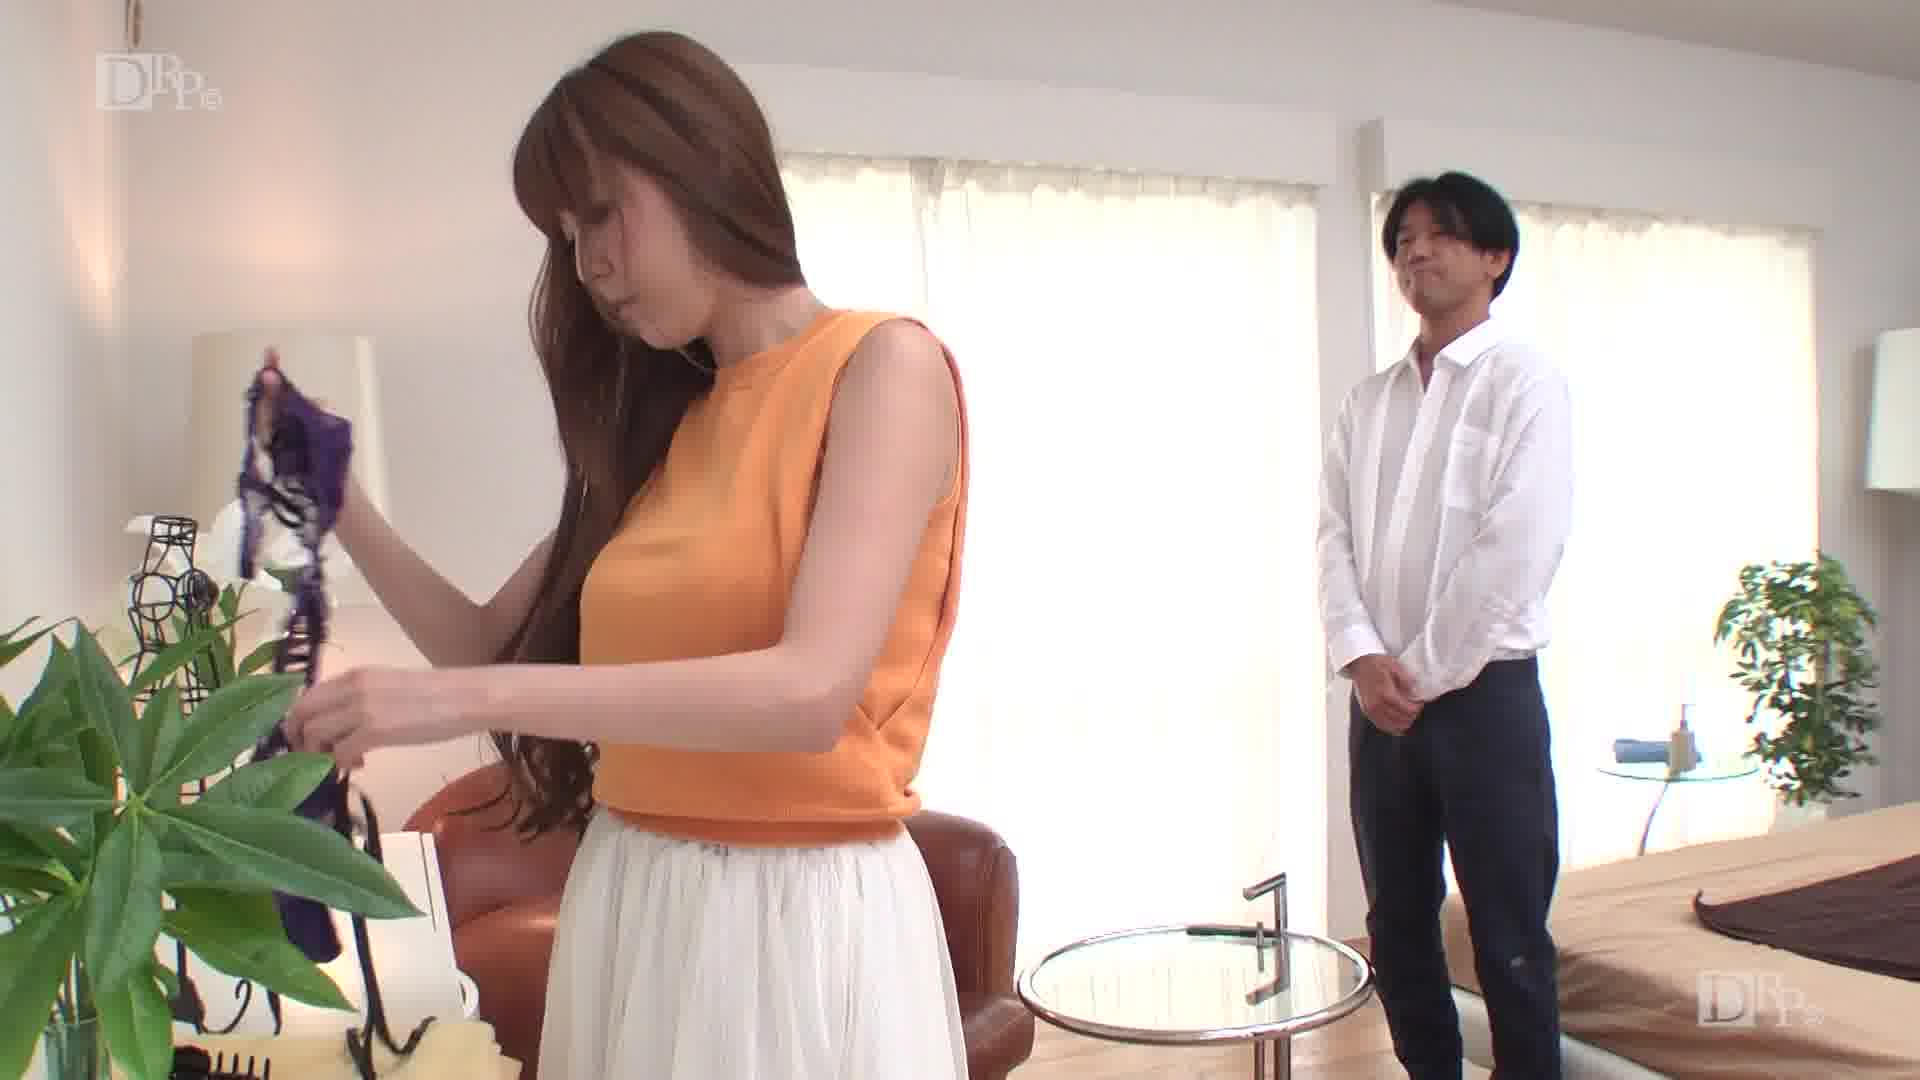 極上セレブ婦人 Vol.12 - 朝桐光【巨乳・アナル・中出し】